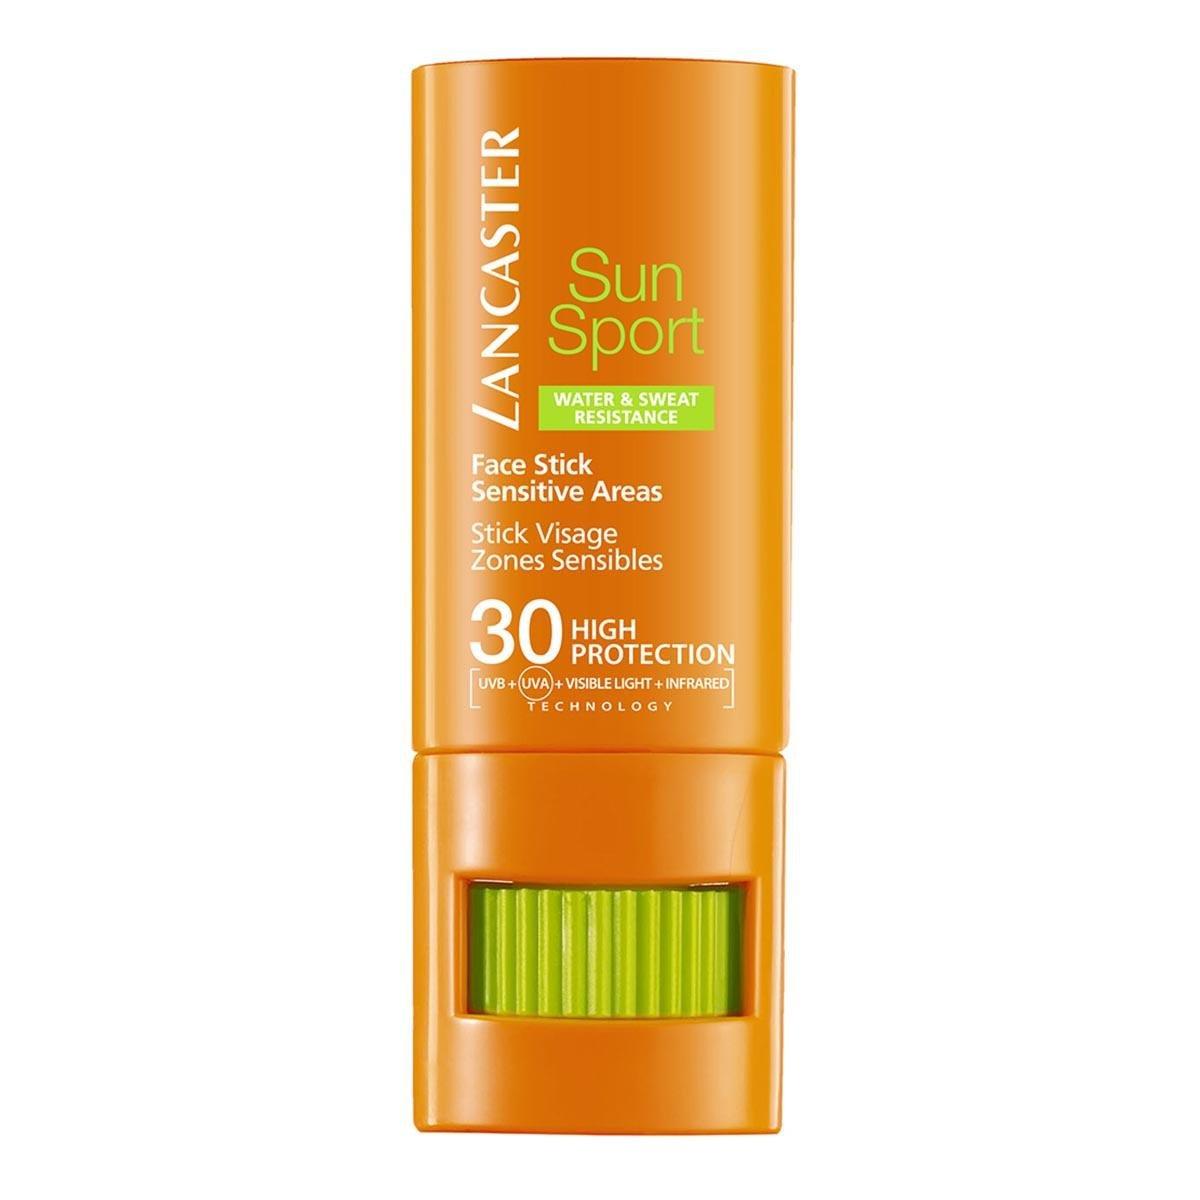 Lancaster Sun Sport Face Stick SPF30 – Penna solare, confezione da 1 (1 X 9 g) 3614220786780